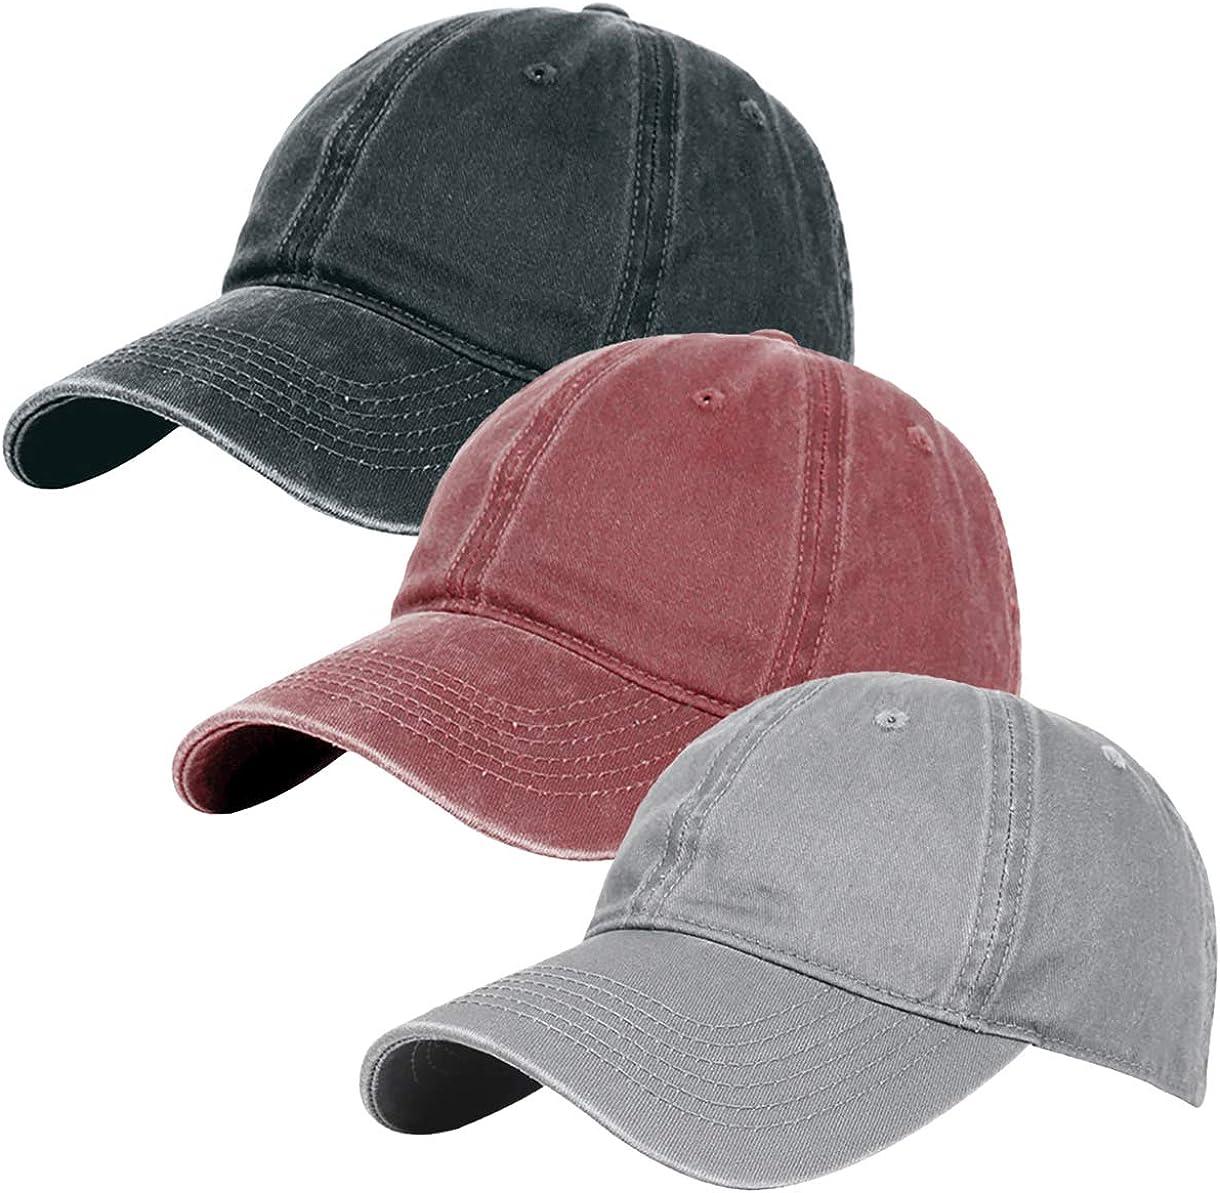 Glamorstar Classic Unisex Baseball Cap Adjustable Washed Dyed Cotton Ball Hat